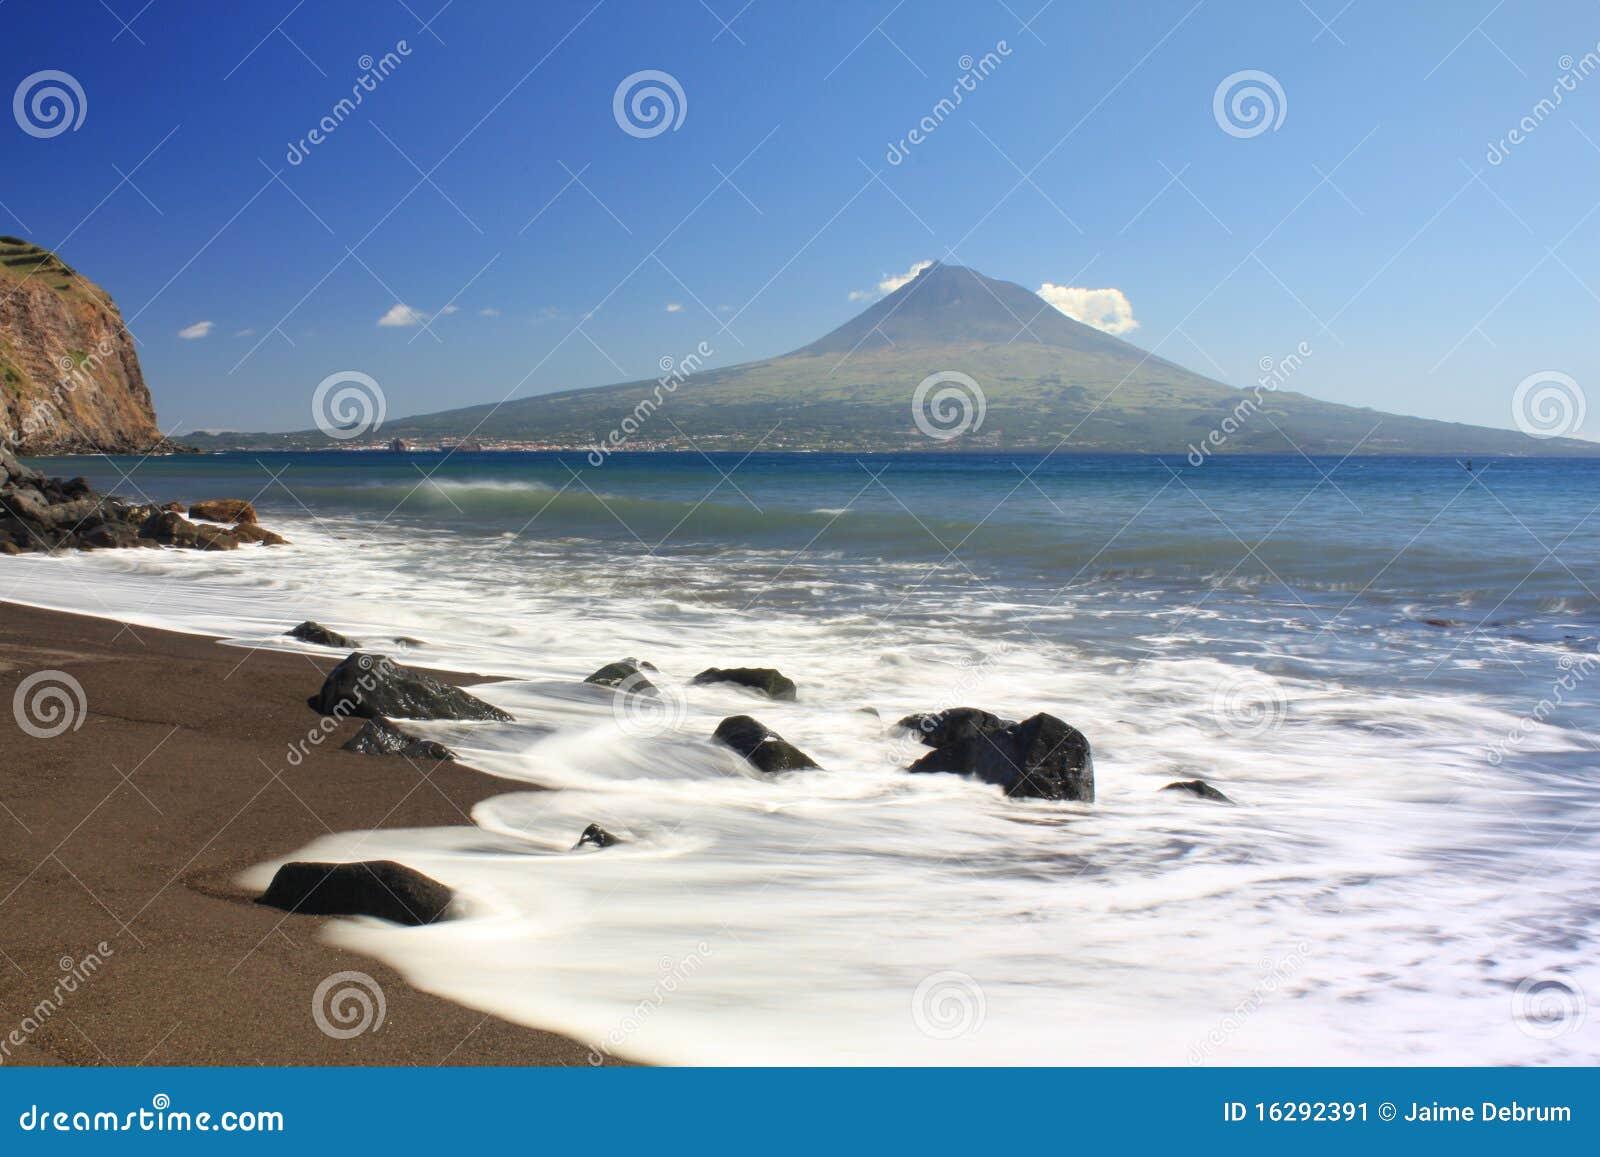 von den azoren strand stockbild bild von blau wolke 16292391. Black Bedroom Furniture Sets. Home Design Ideas